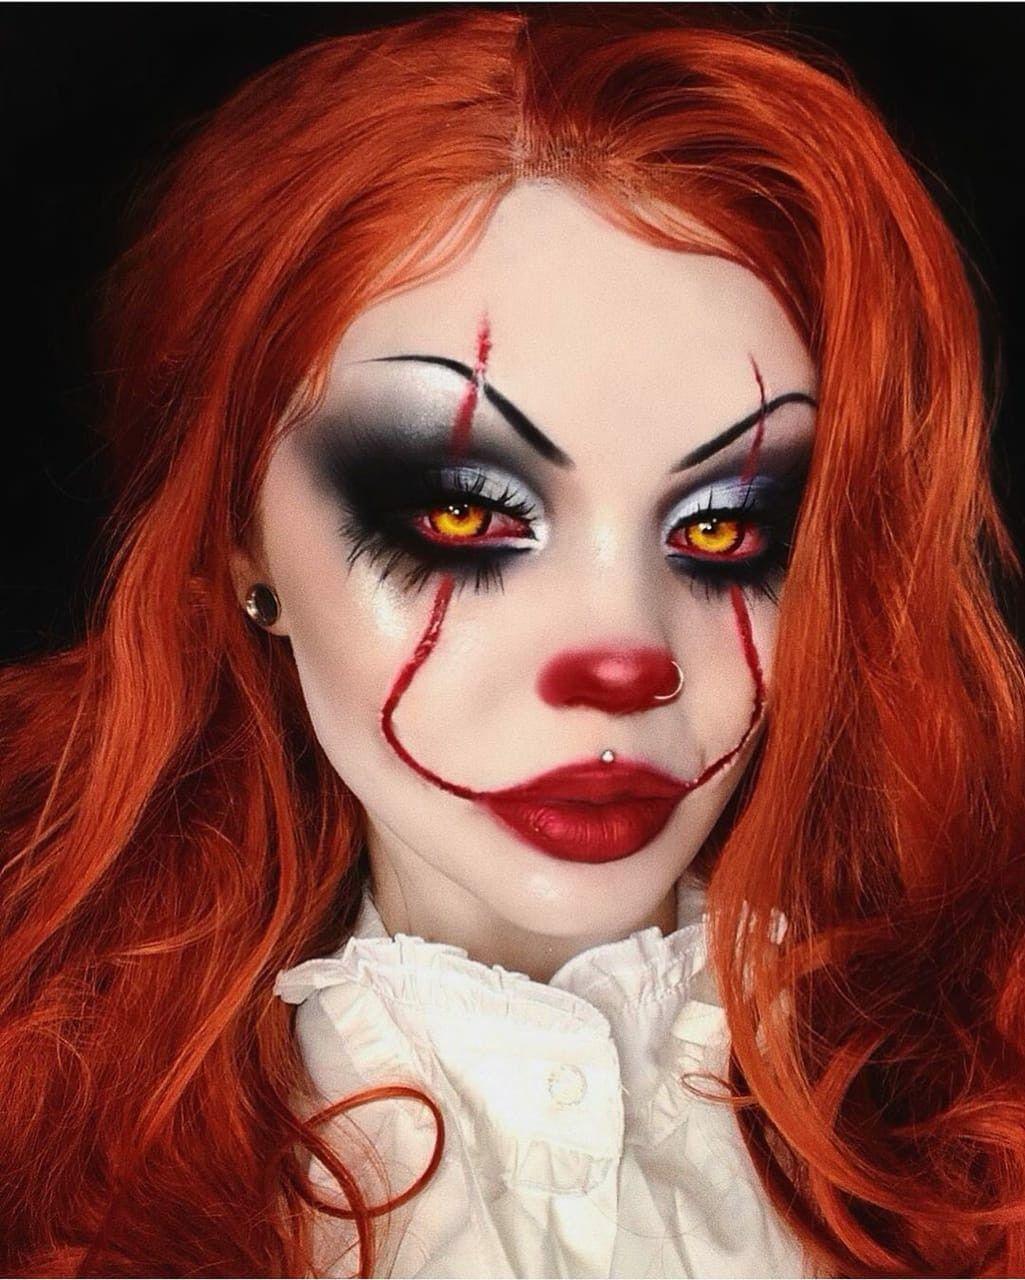 SÉRIE 1 Halloween MAQUIAGEM Maquiagem de haloween